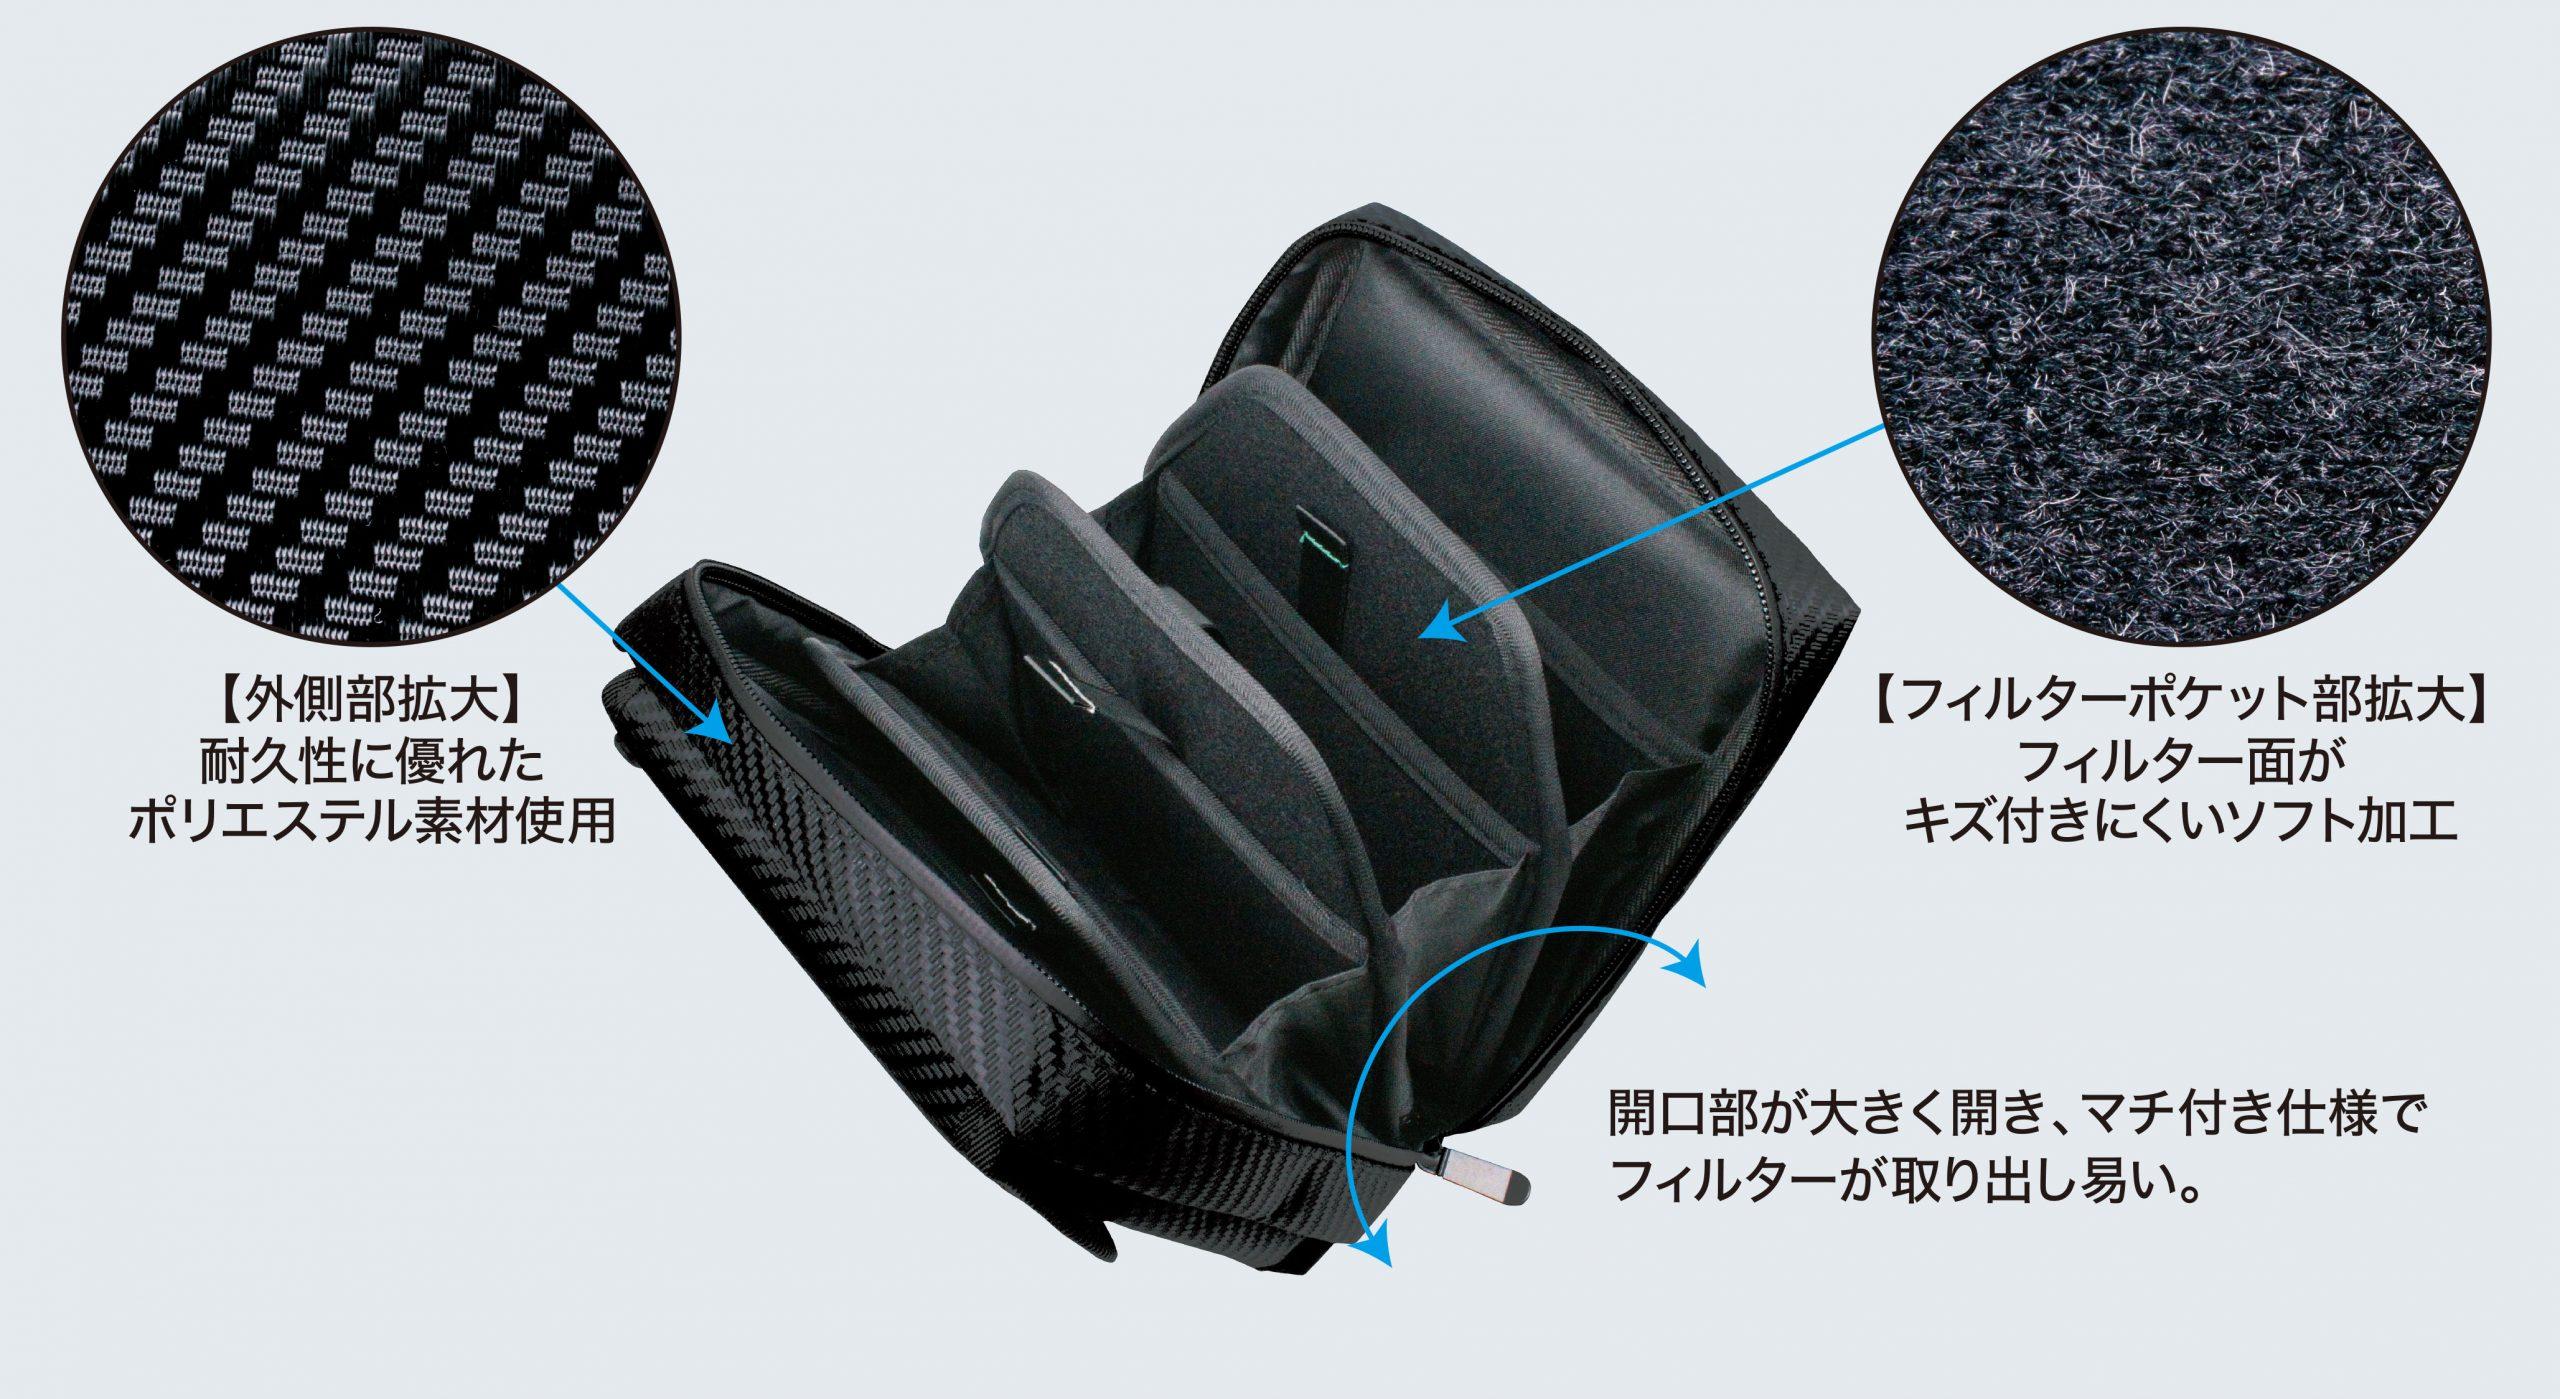 9月18日(Fri)角型フィルターの収納に便利なキャリングポーチ for M100発売